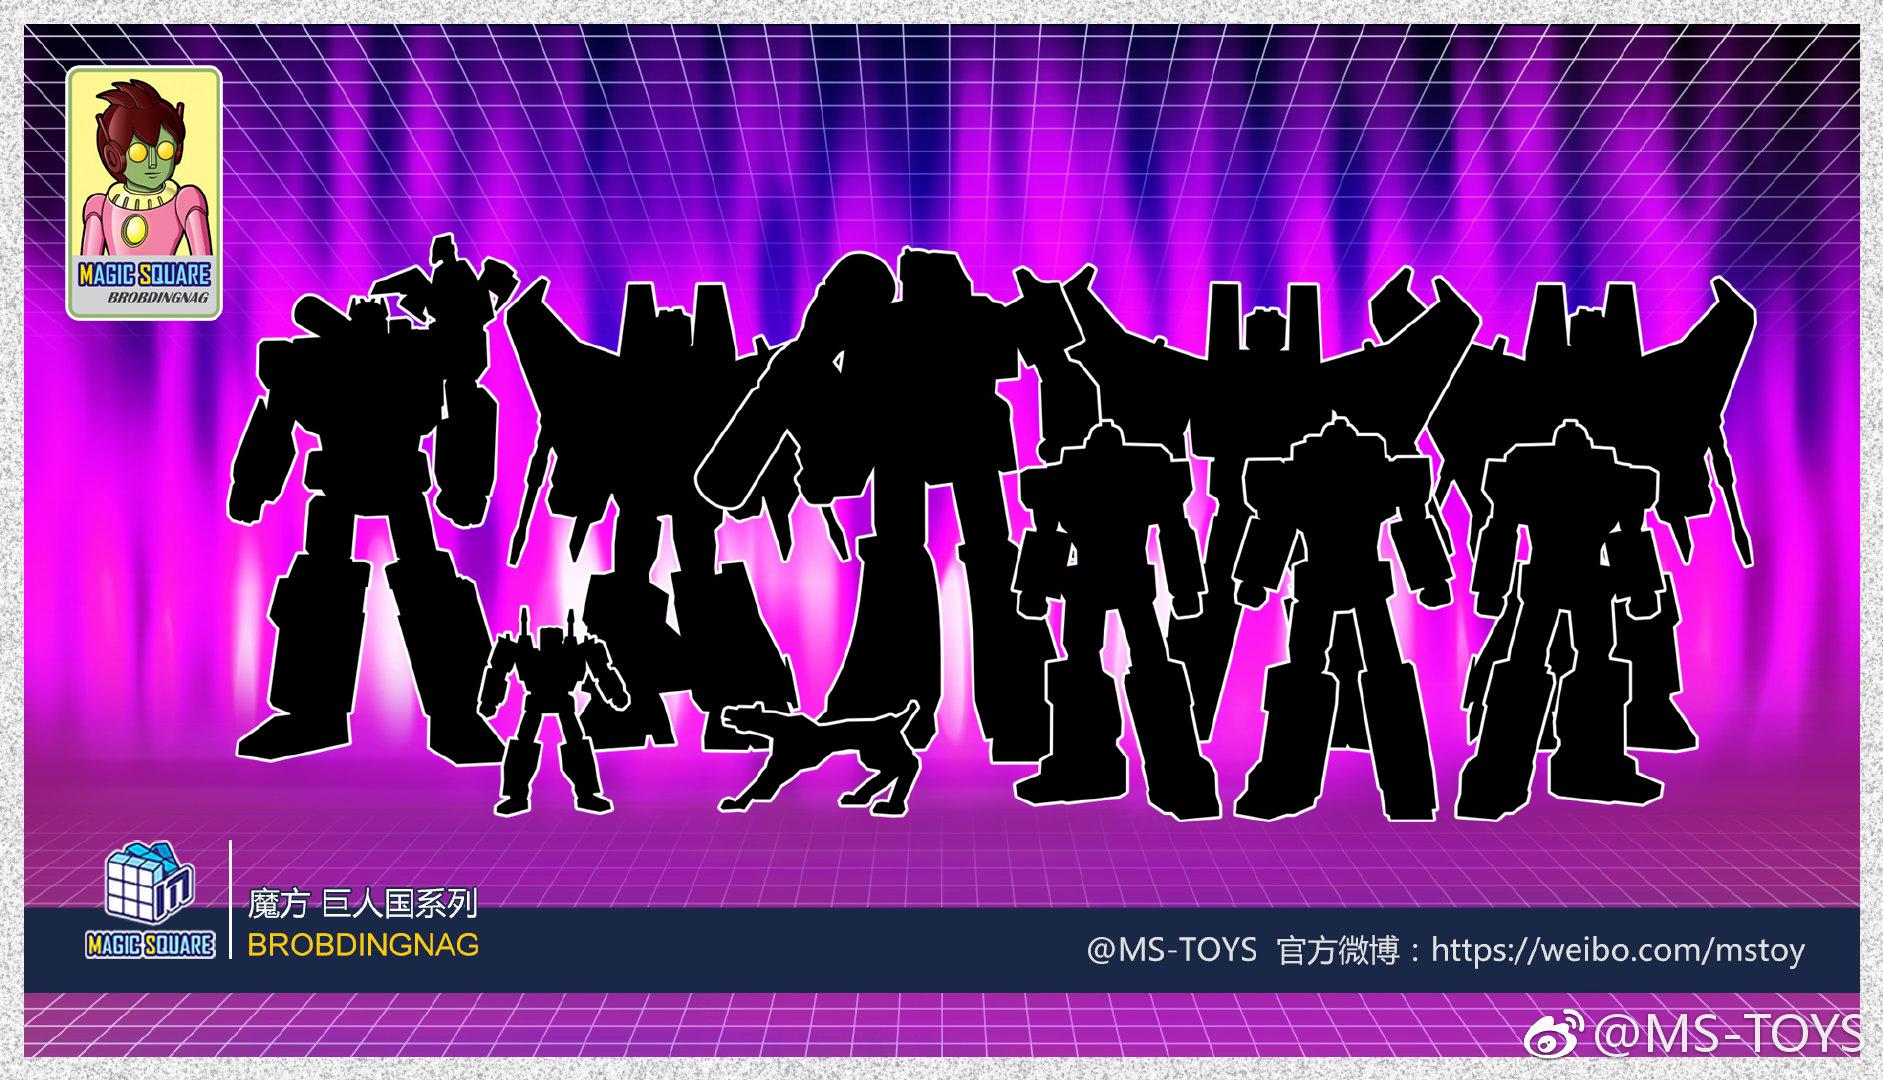 [Magic Square Toys] Produit Tiers - Jouets MS-Toys format Legend - Personnages G1 - Page 9 006xot18